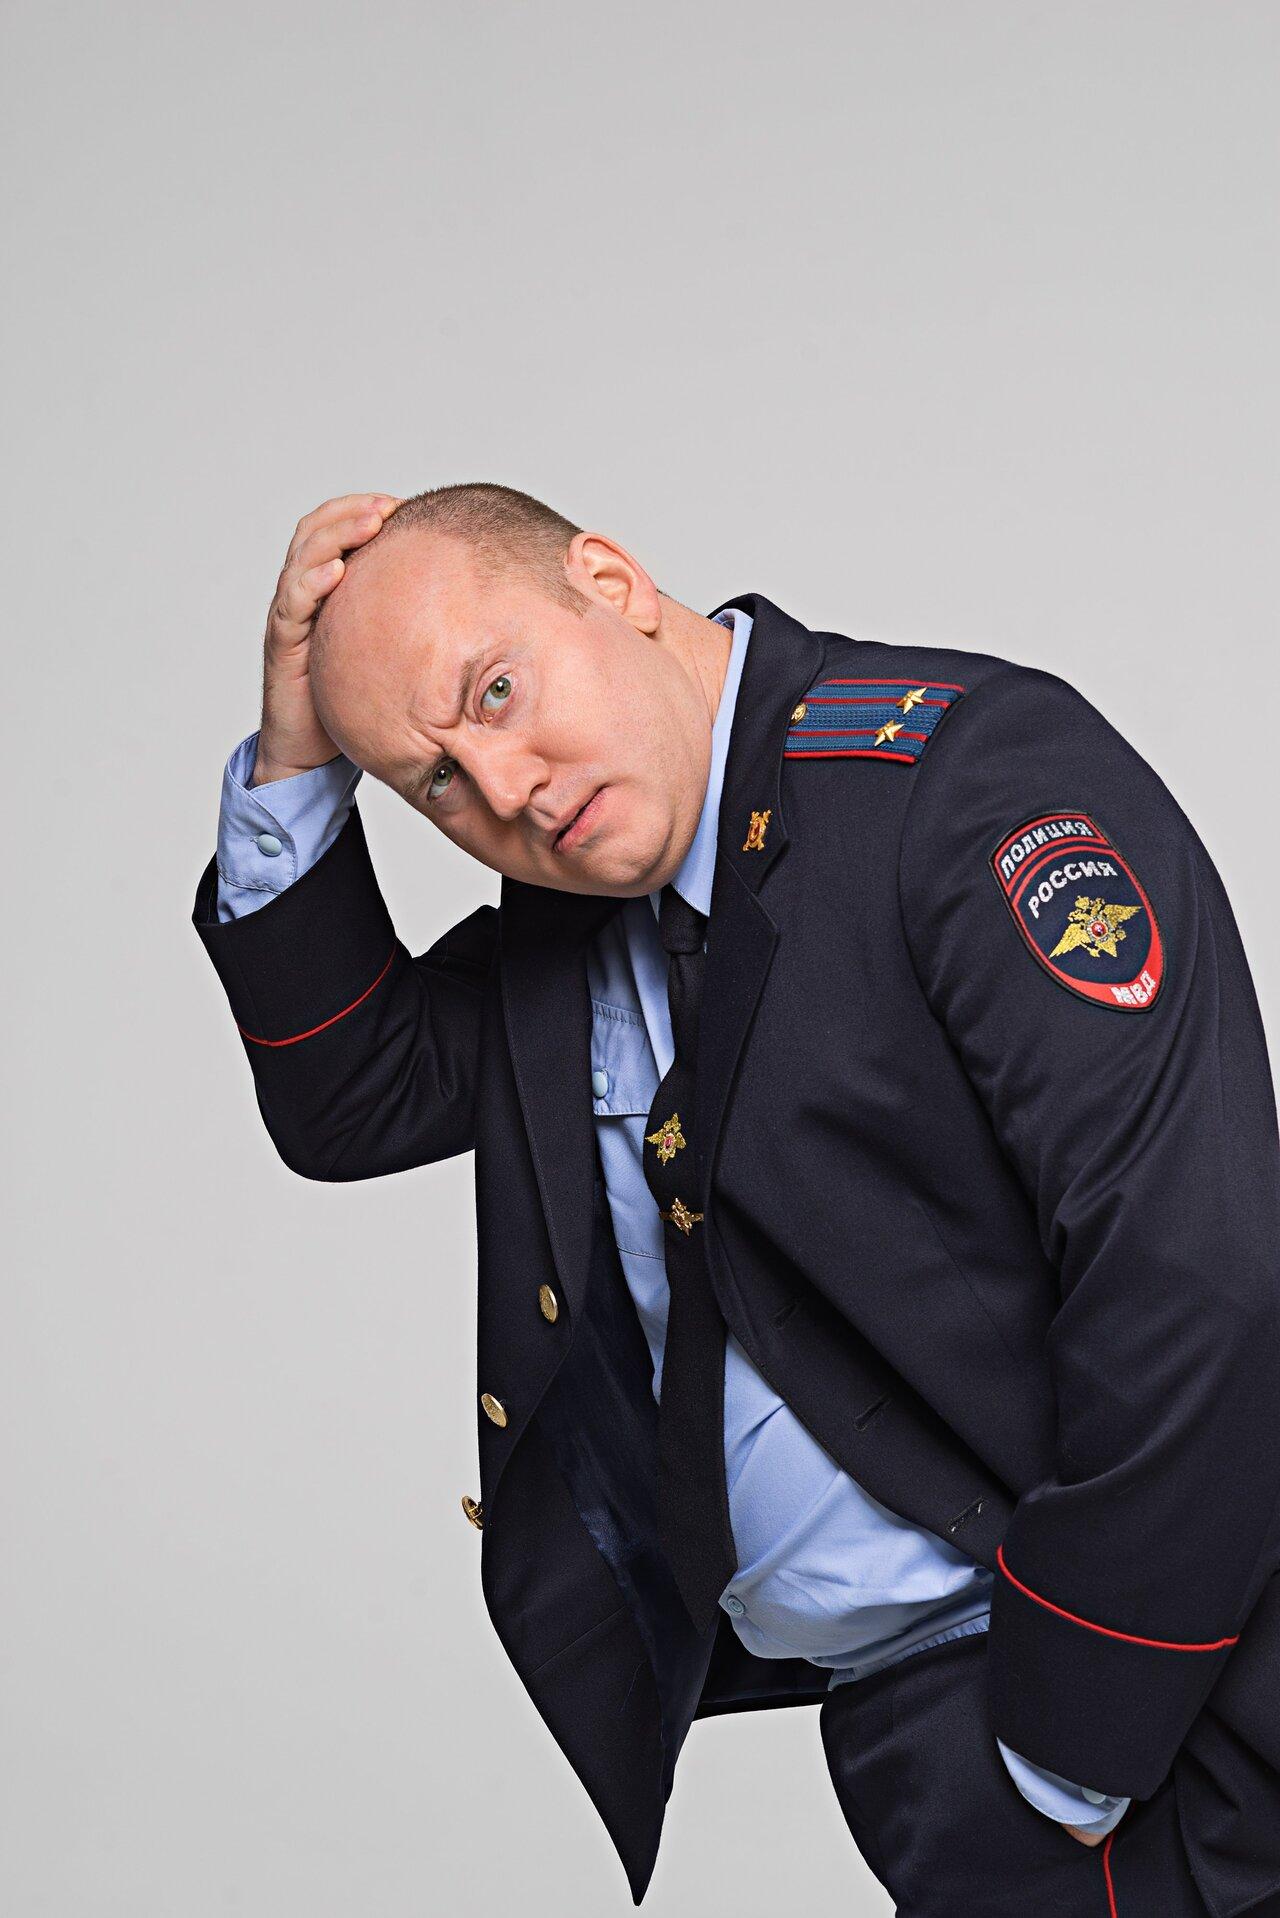 Сергей Бурунов в образе Майора Измайлова